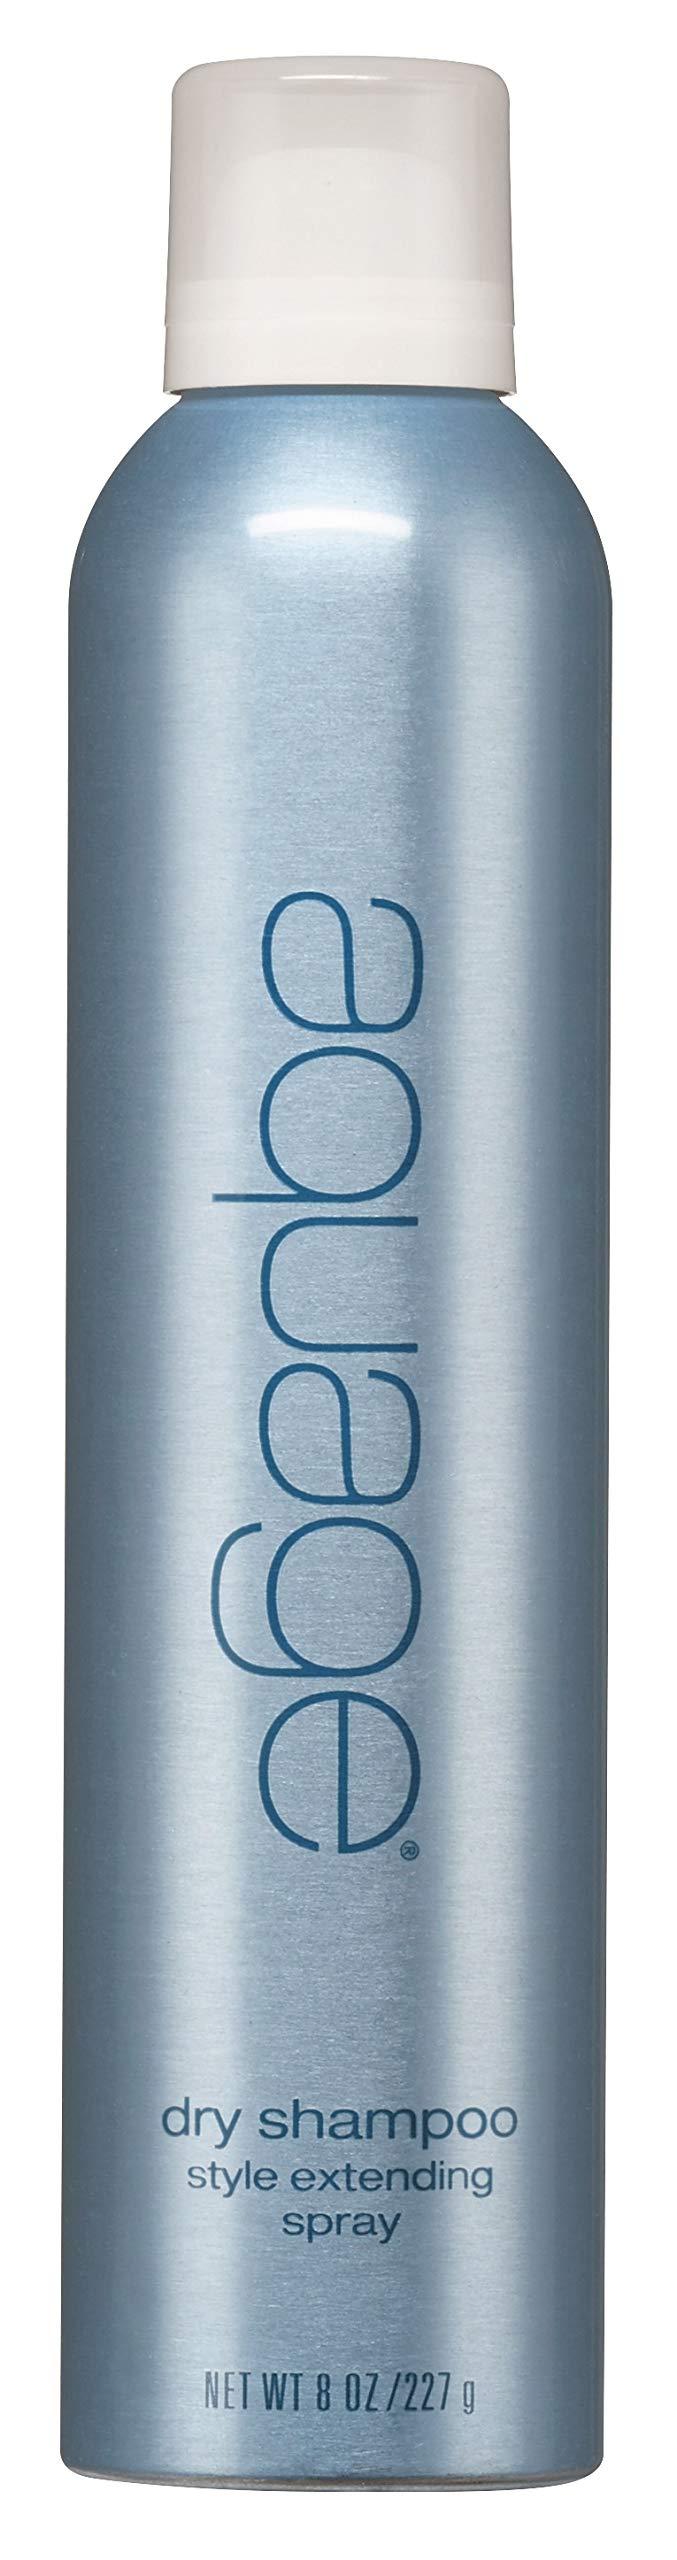 AQUAGE Dry Shampoo Style Extending Spray, 8 oz. by AQUAGE